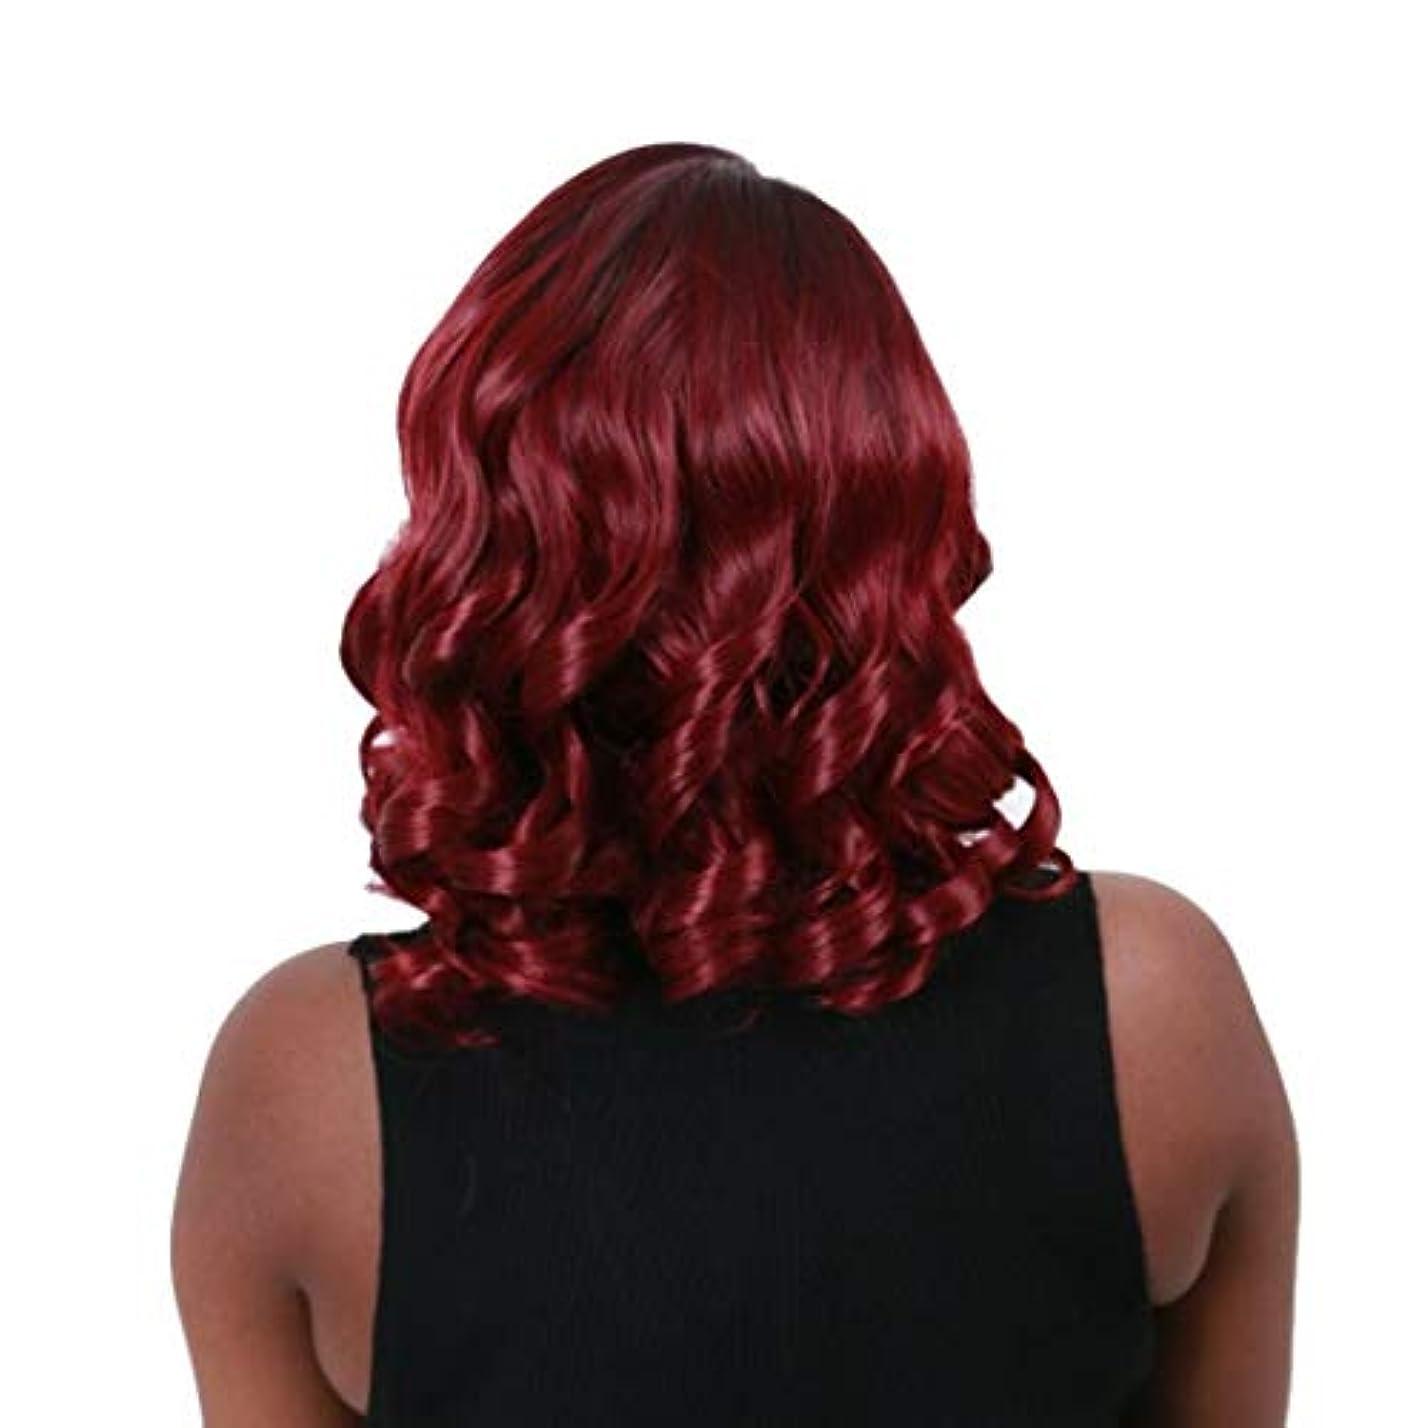 夜明け返還オンスKerwinner 女性のための短い波状の合成かつらかつら短いふわふわボブ変態